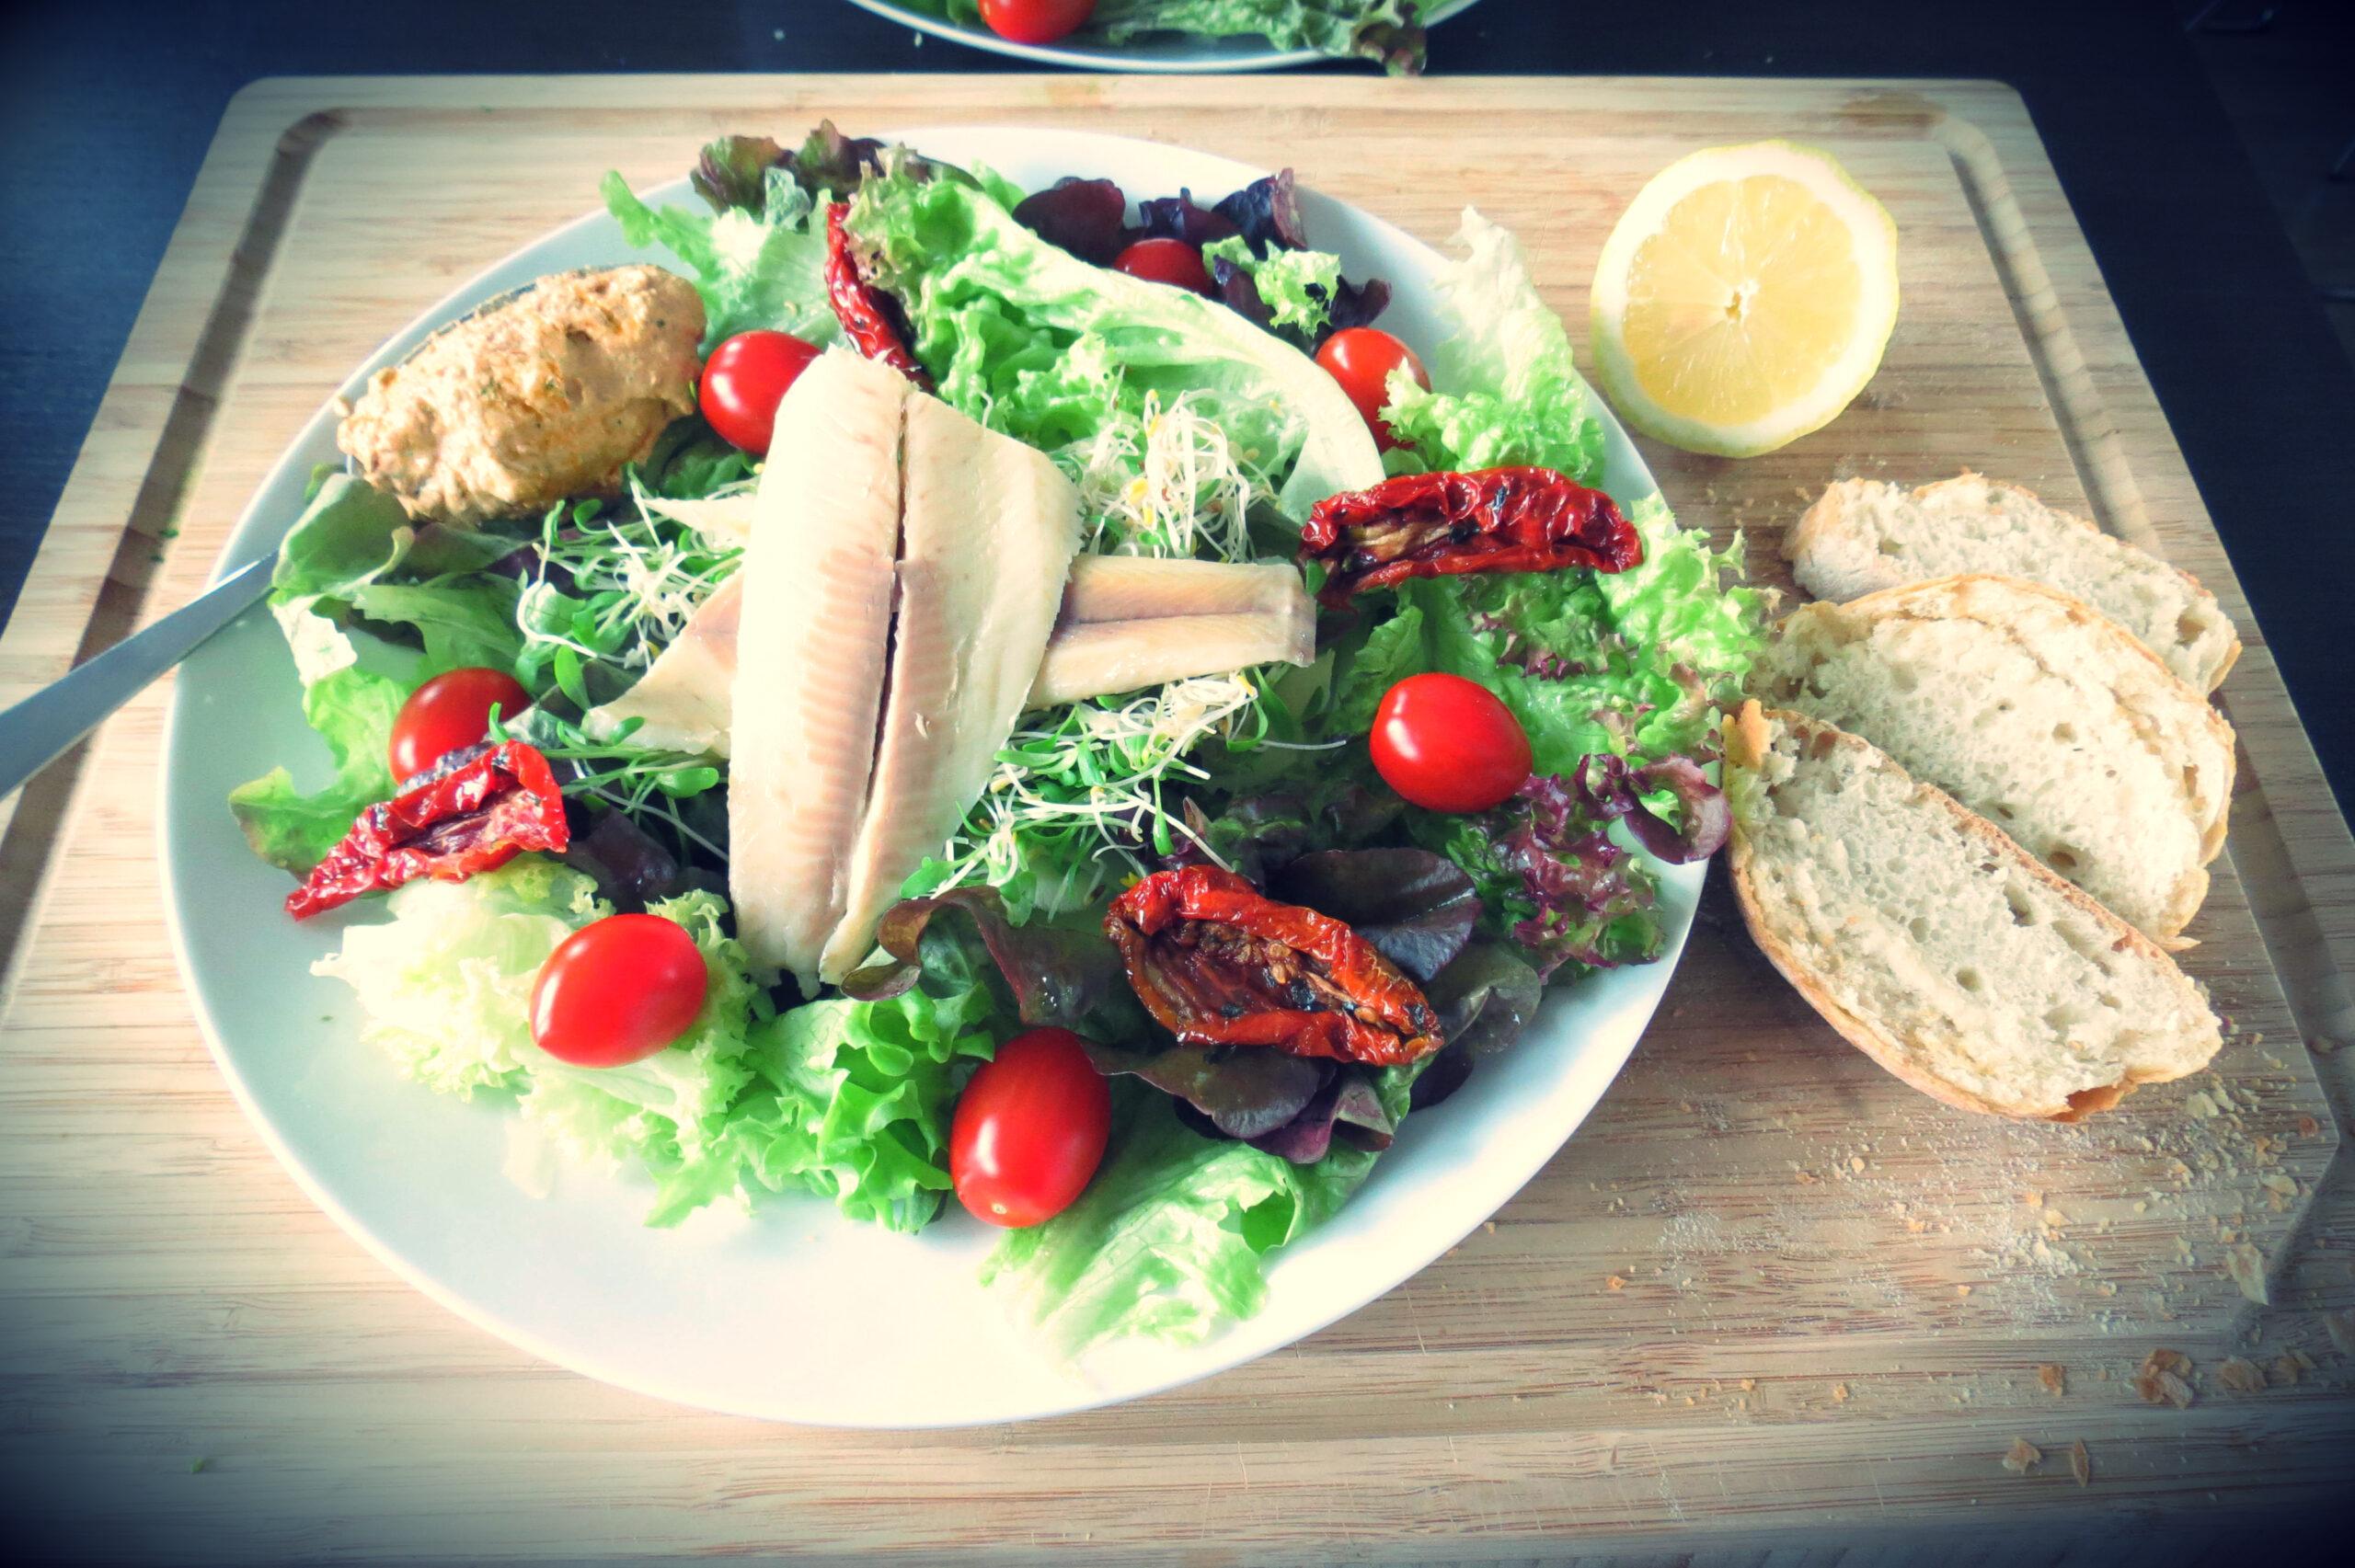 Fris slaatje met gerookte forel en cottage-cheese dressing